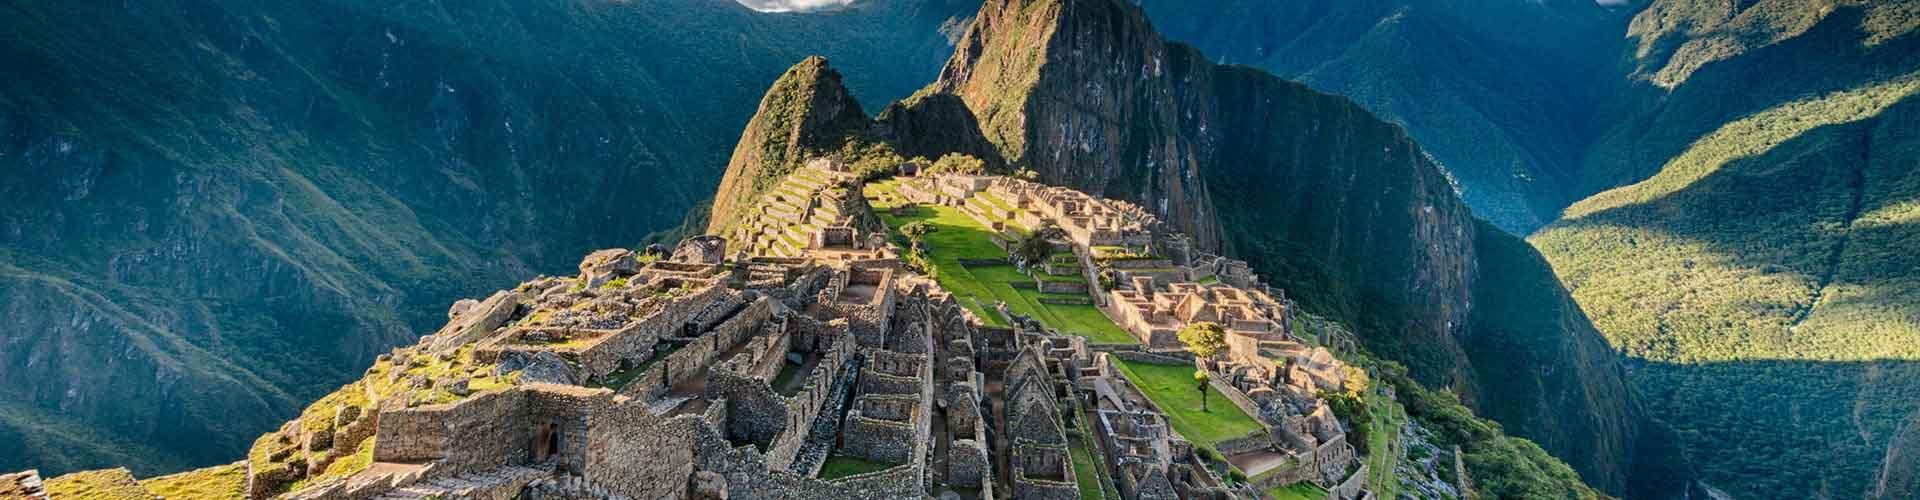 Cuzco - Auberges de jeunesse et chambres pas chères à Cuzco. Cartes de Cuzco, photos et commentaires pour chaque Auberge de jeunesse et chambre pas chère à Cuzco.